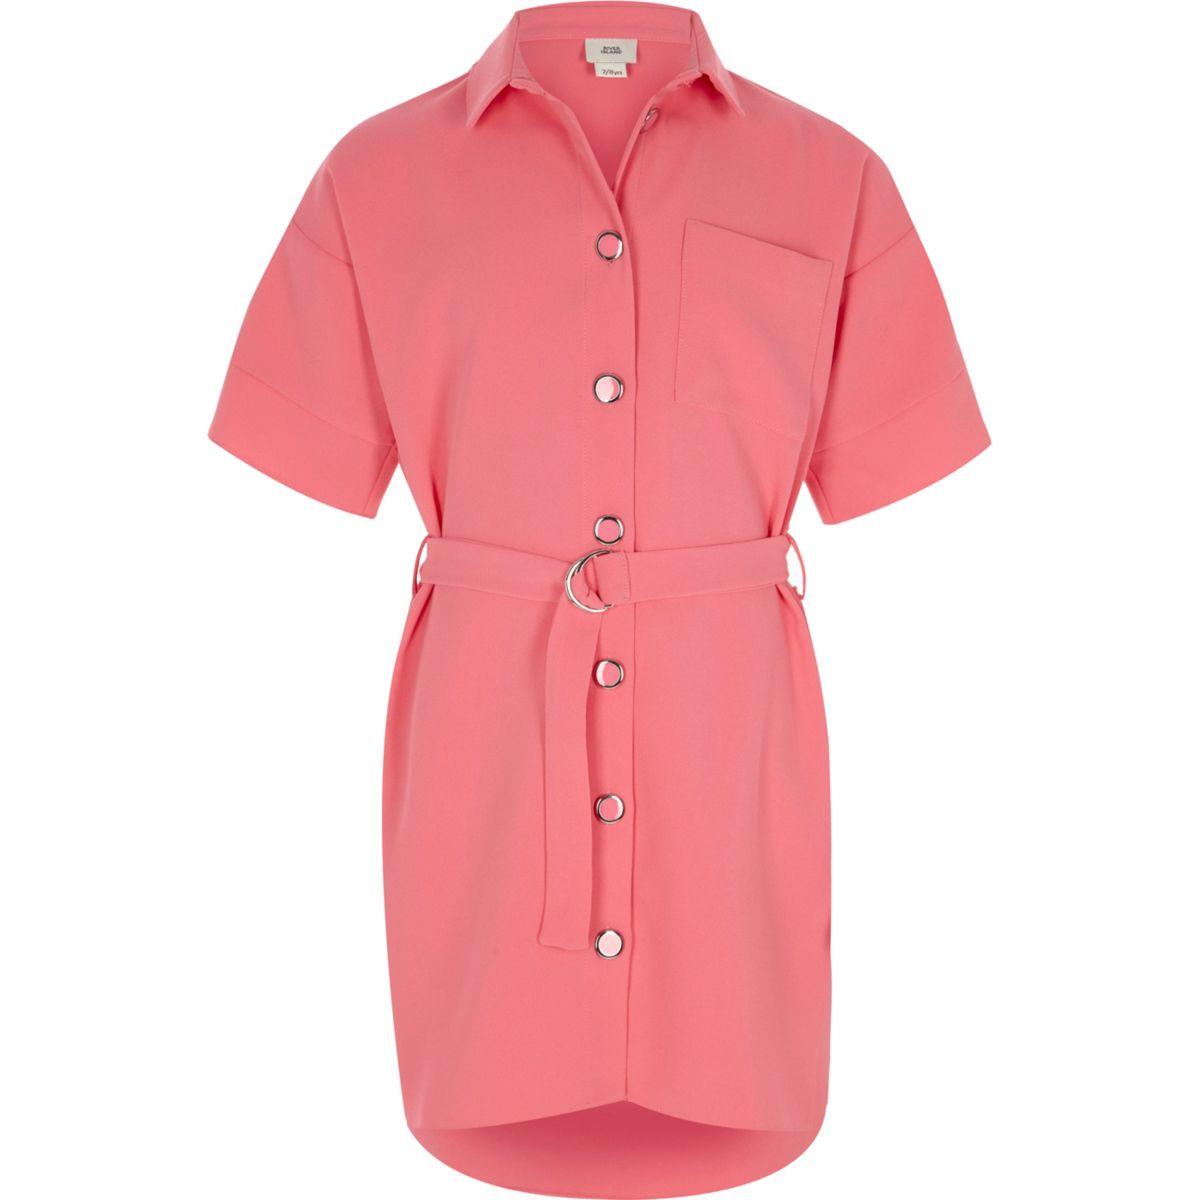 Robe chemise rose style militaire avec ceinture pour fille